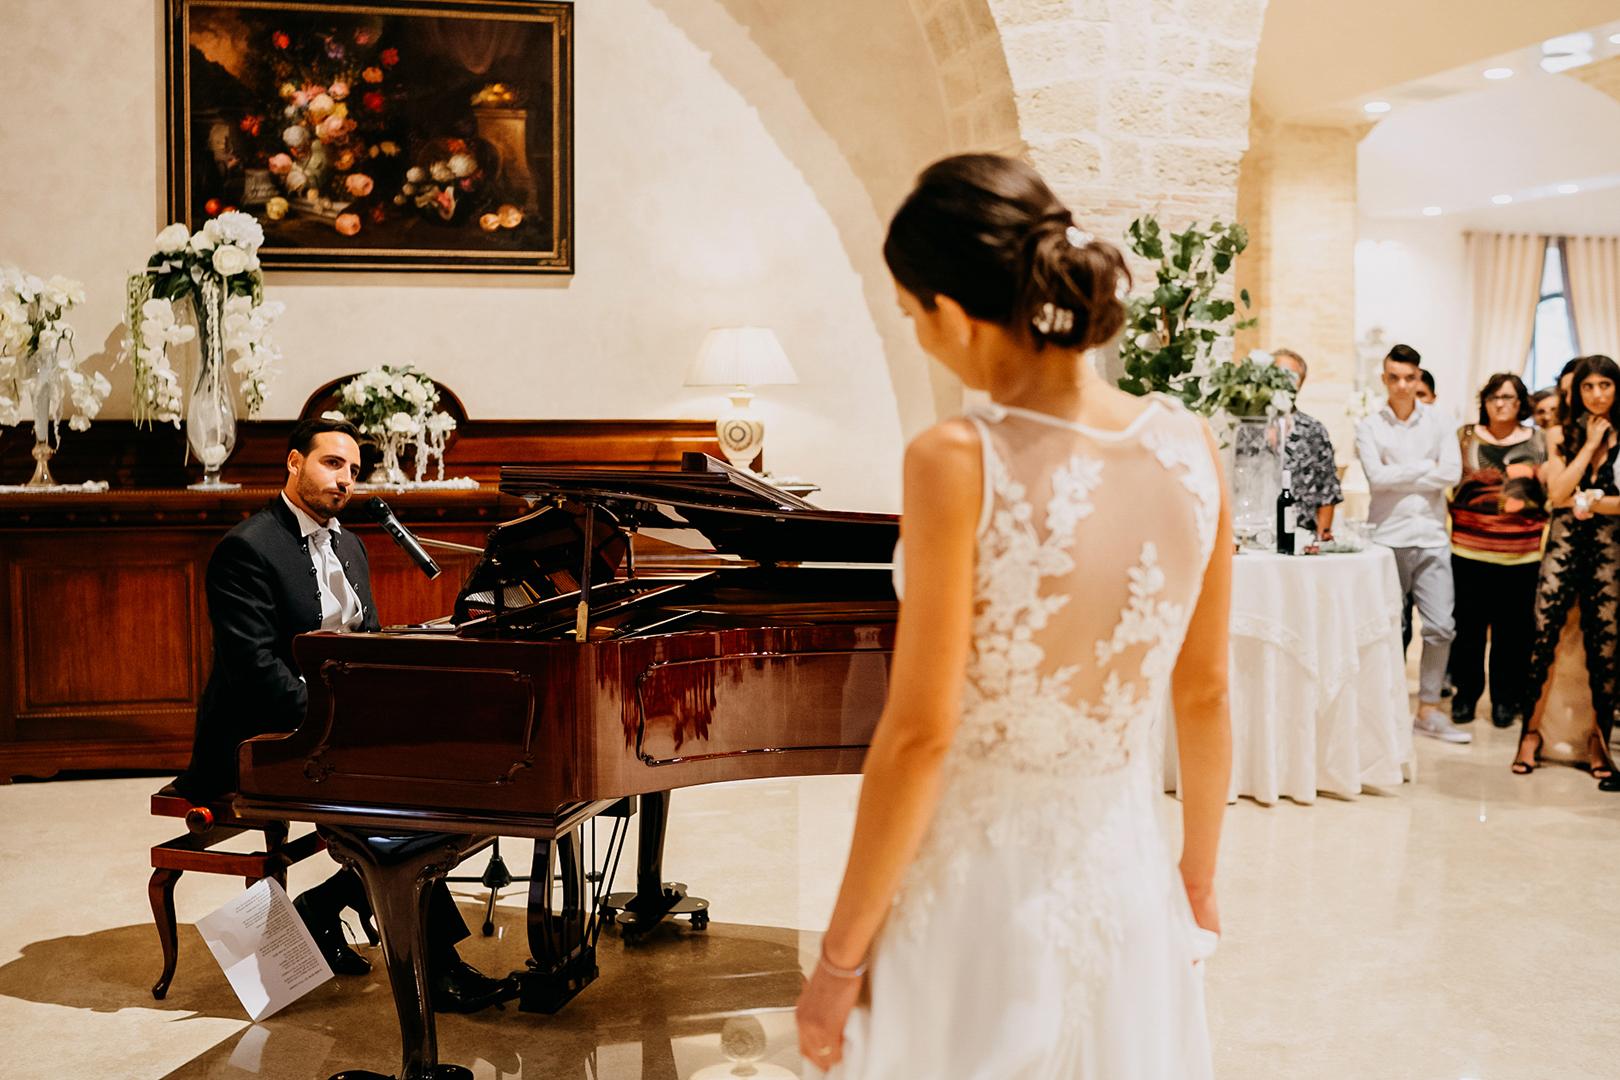 47 gianni-lepore-sposa-dedica-canzone